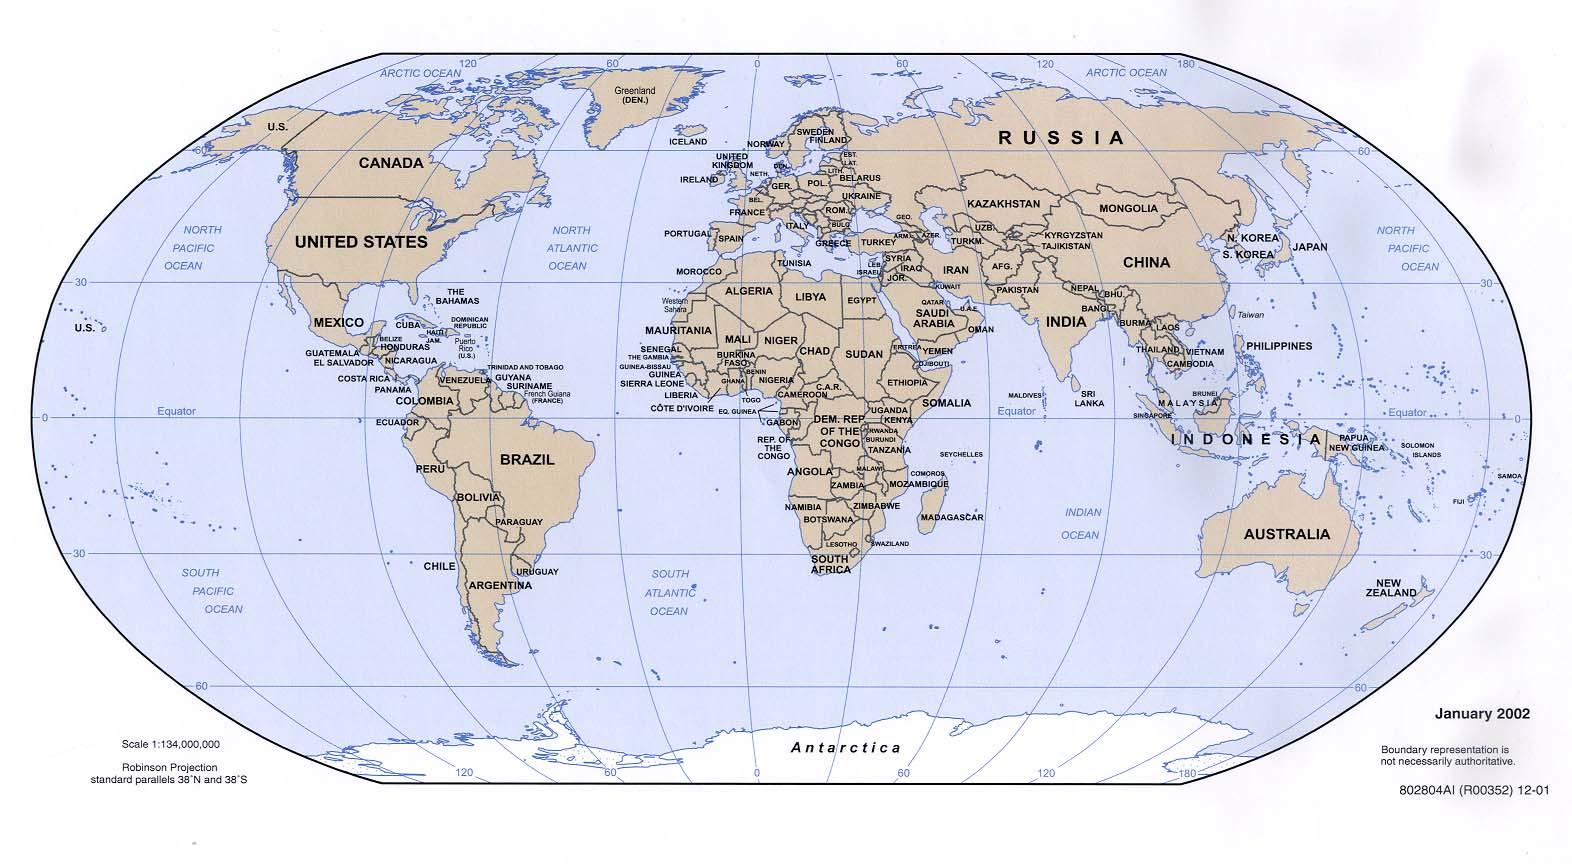 Weltkarte (Politische Karte) : Weltkarte - Karten Und ganzes Weltkarten Kostenlos Download